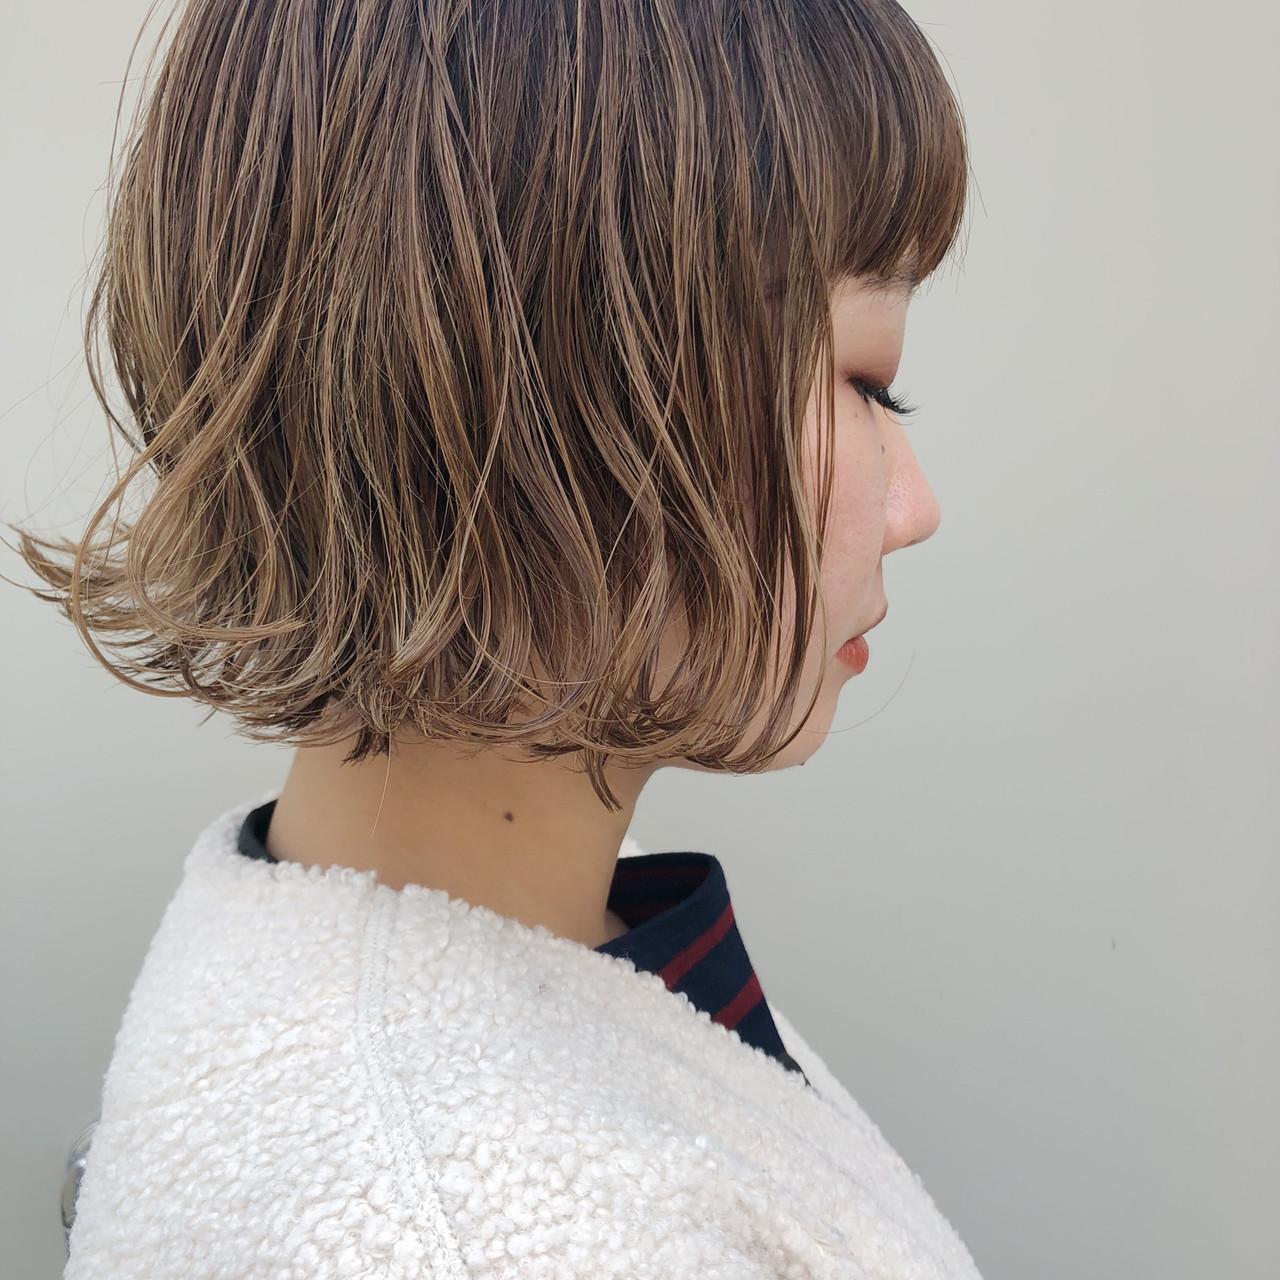 ハイトーン ハイライト ガーリー 外国人風カラー ヘアスタイルや髪型の写真・画像